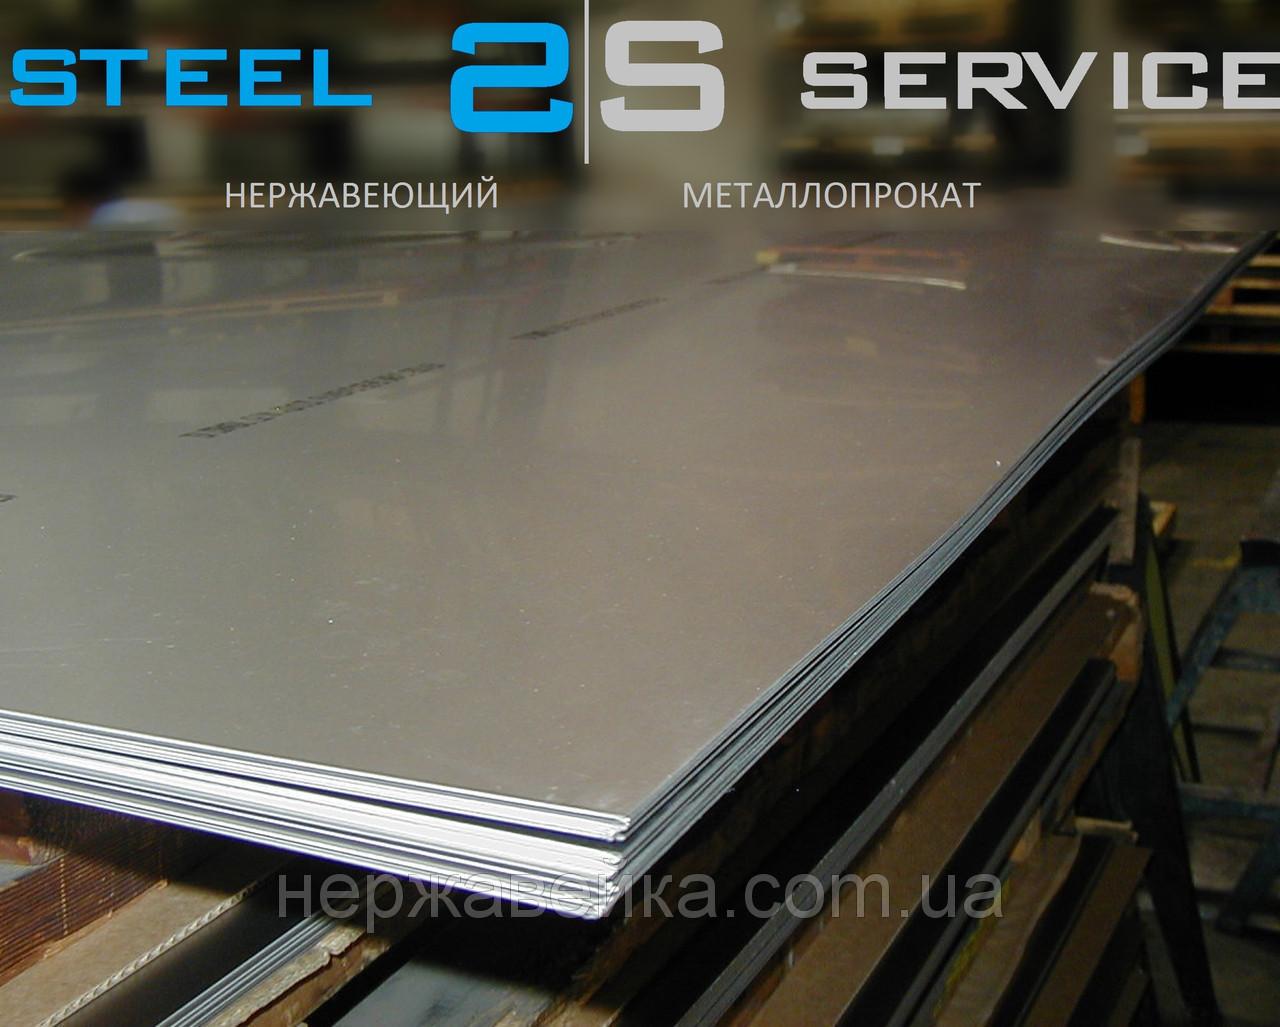 Нержавейка лист 1х1000х2000мм  AISI 310(20Х23Н18) 2B - матовый,  жаропрочный